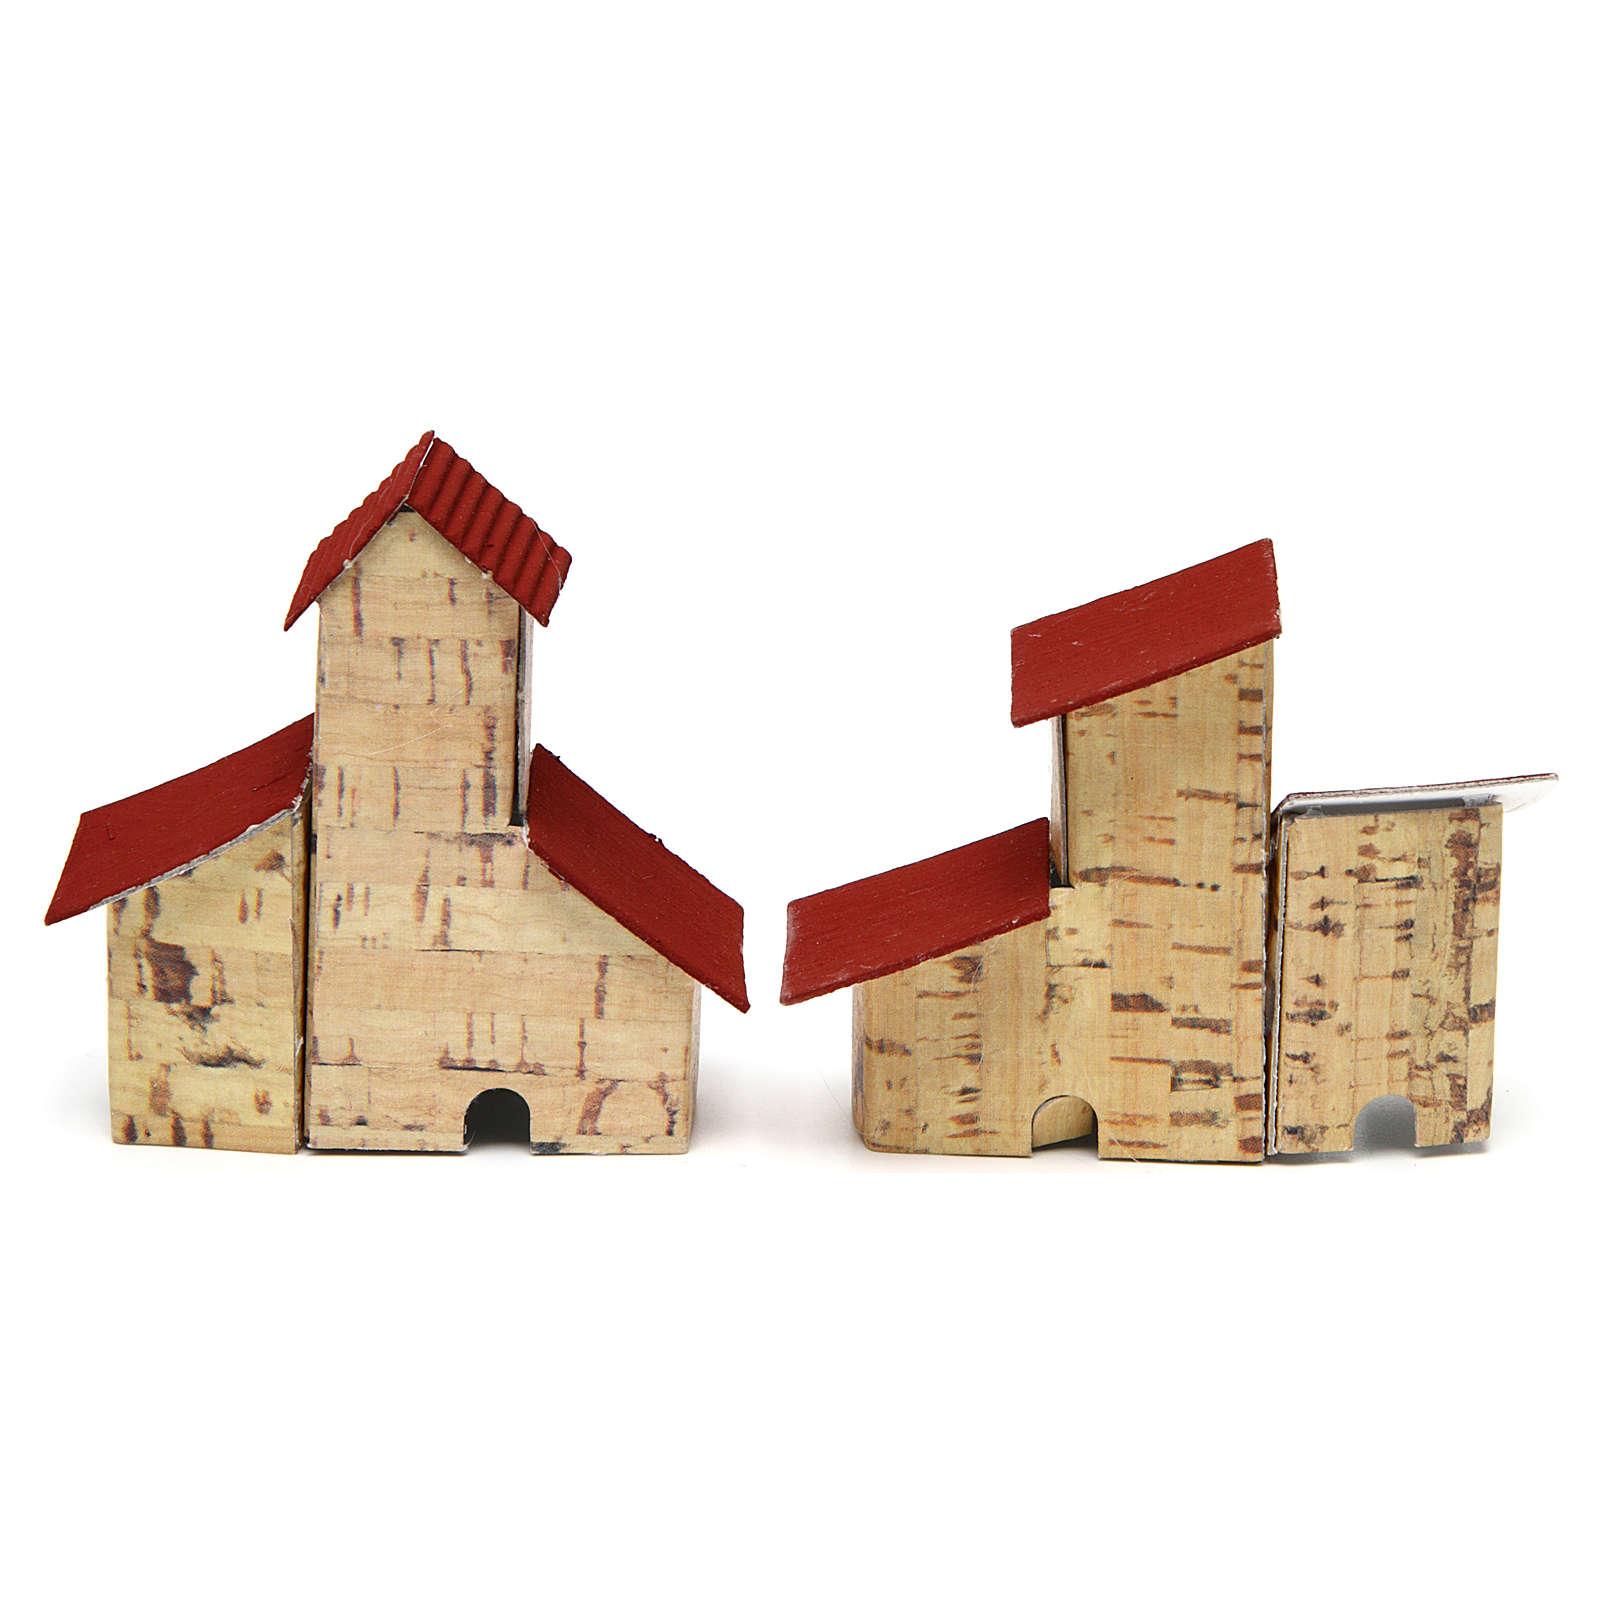 Maisons crèche 2 pcs 6,5x4x7 cm 4